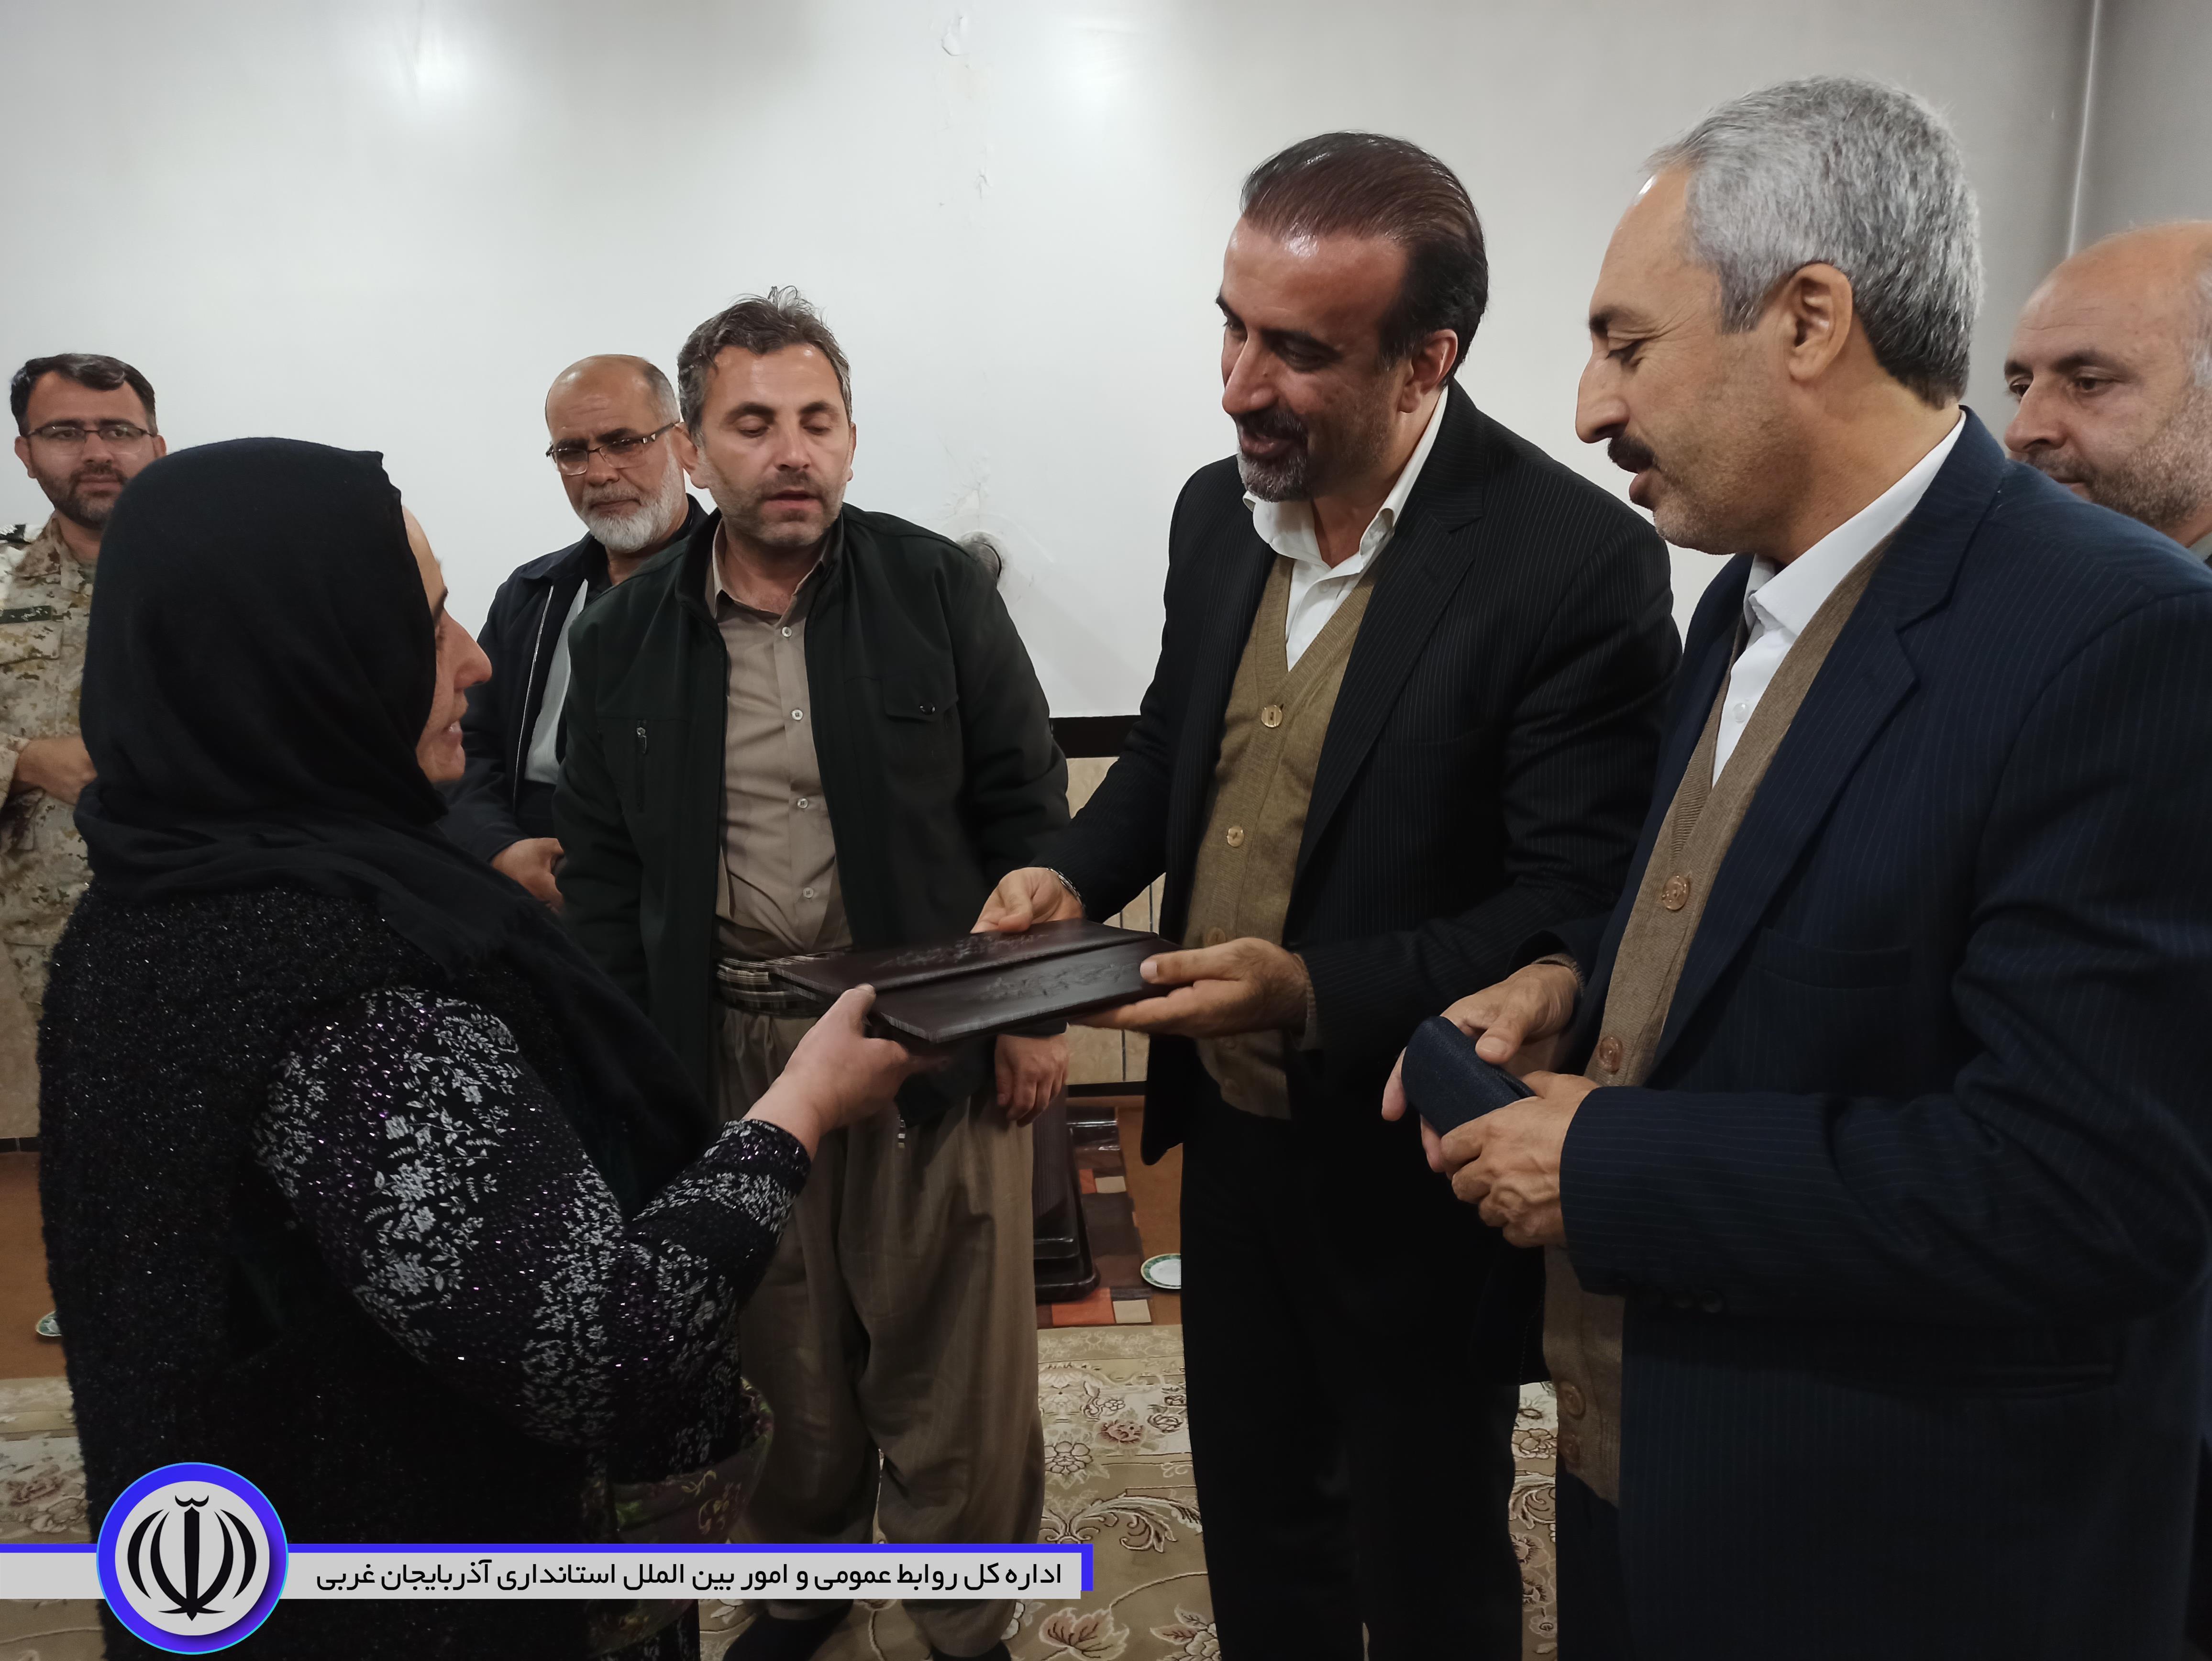 دیدار معاون هماهنگی امور اقتصادی استاندار آذربایجان غربی با خانواده معظم شهید در سردشت